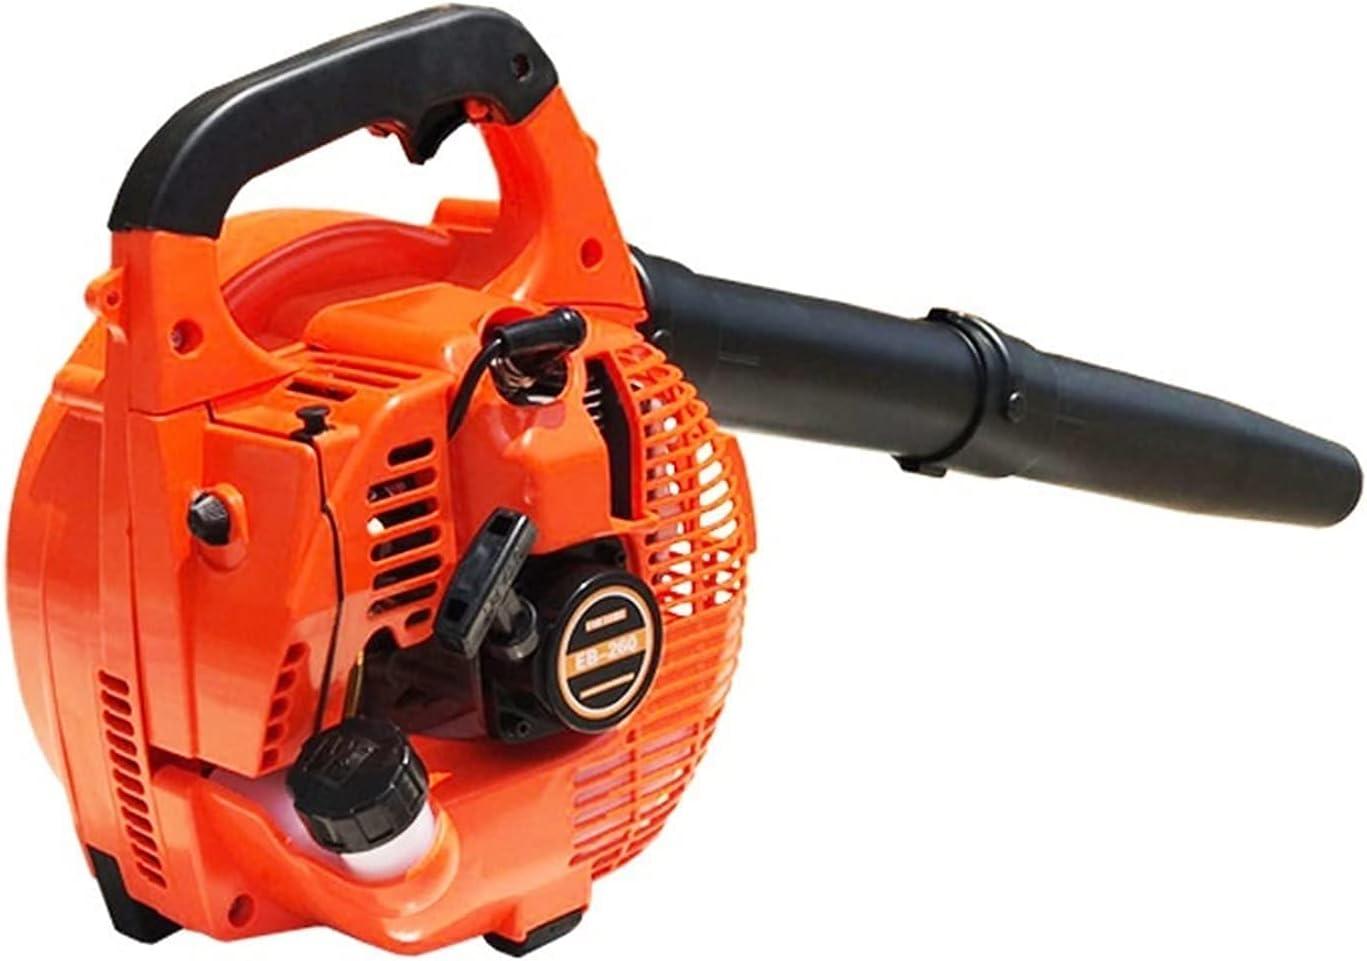 MOSHUO Soplador de Hojas, aspiradora de jardín Soplador de Gasolina Motor de Gasolina Succión Arena Nieve Máquina de soplado de Hojas Máquina de Hojas Soplador de Mano para Nieve (Color: Rojo)